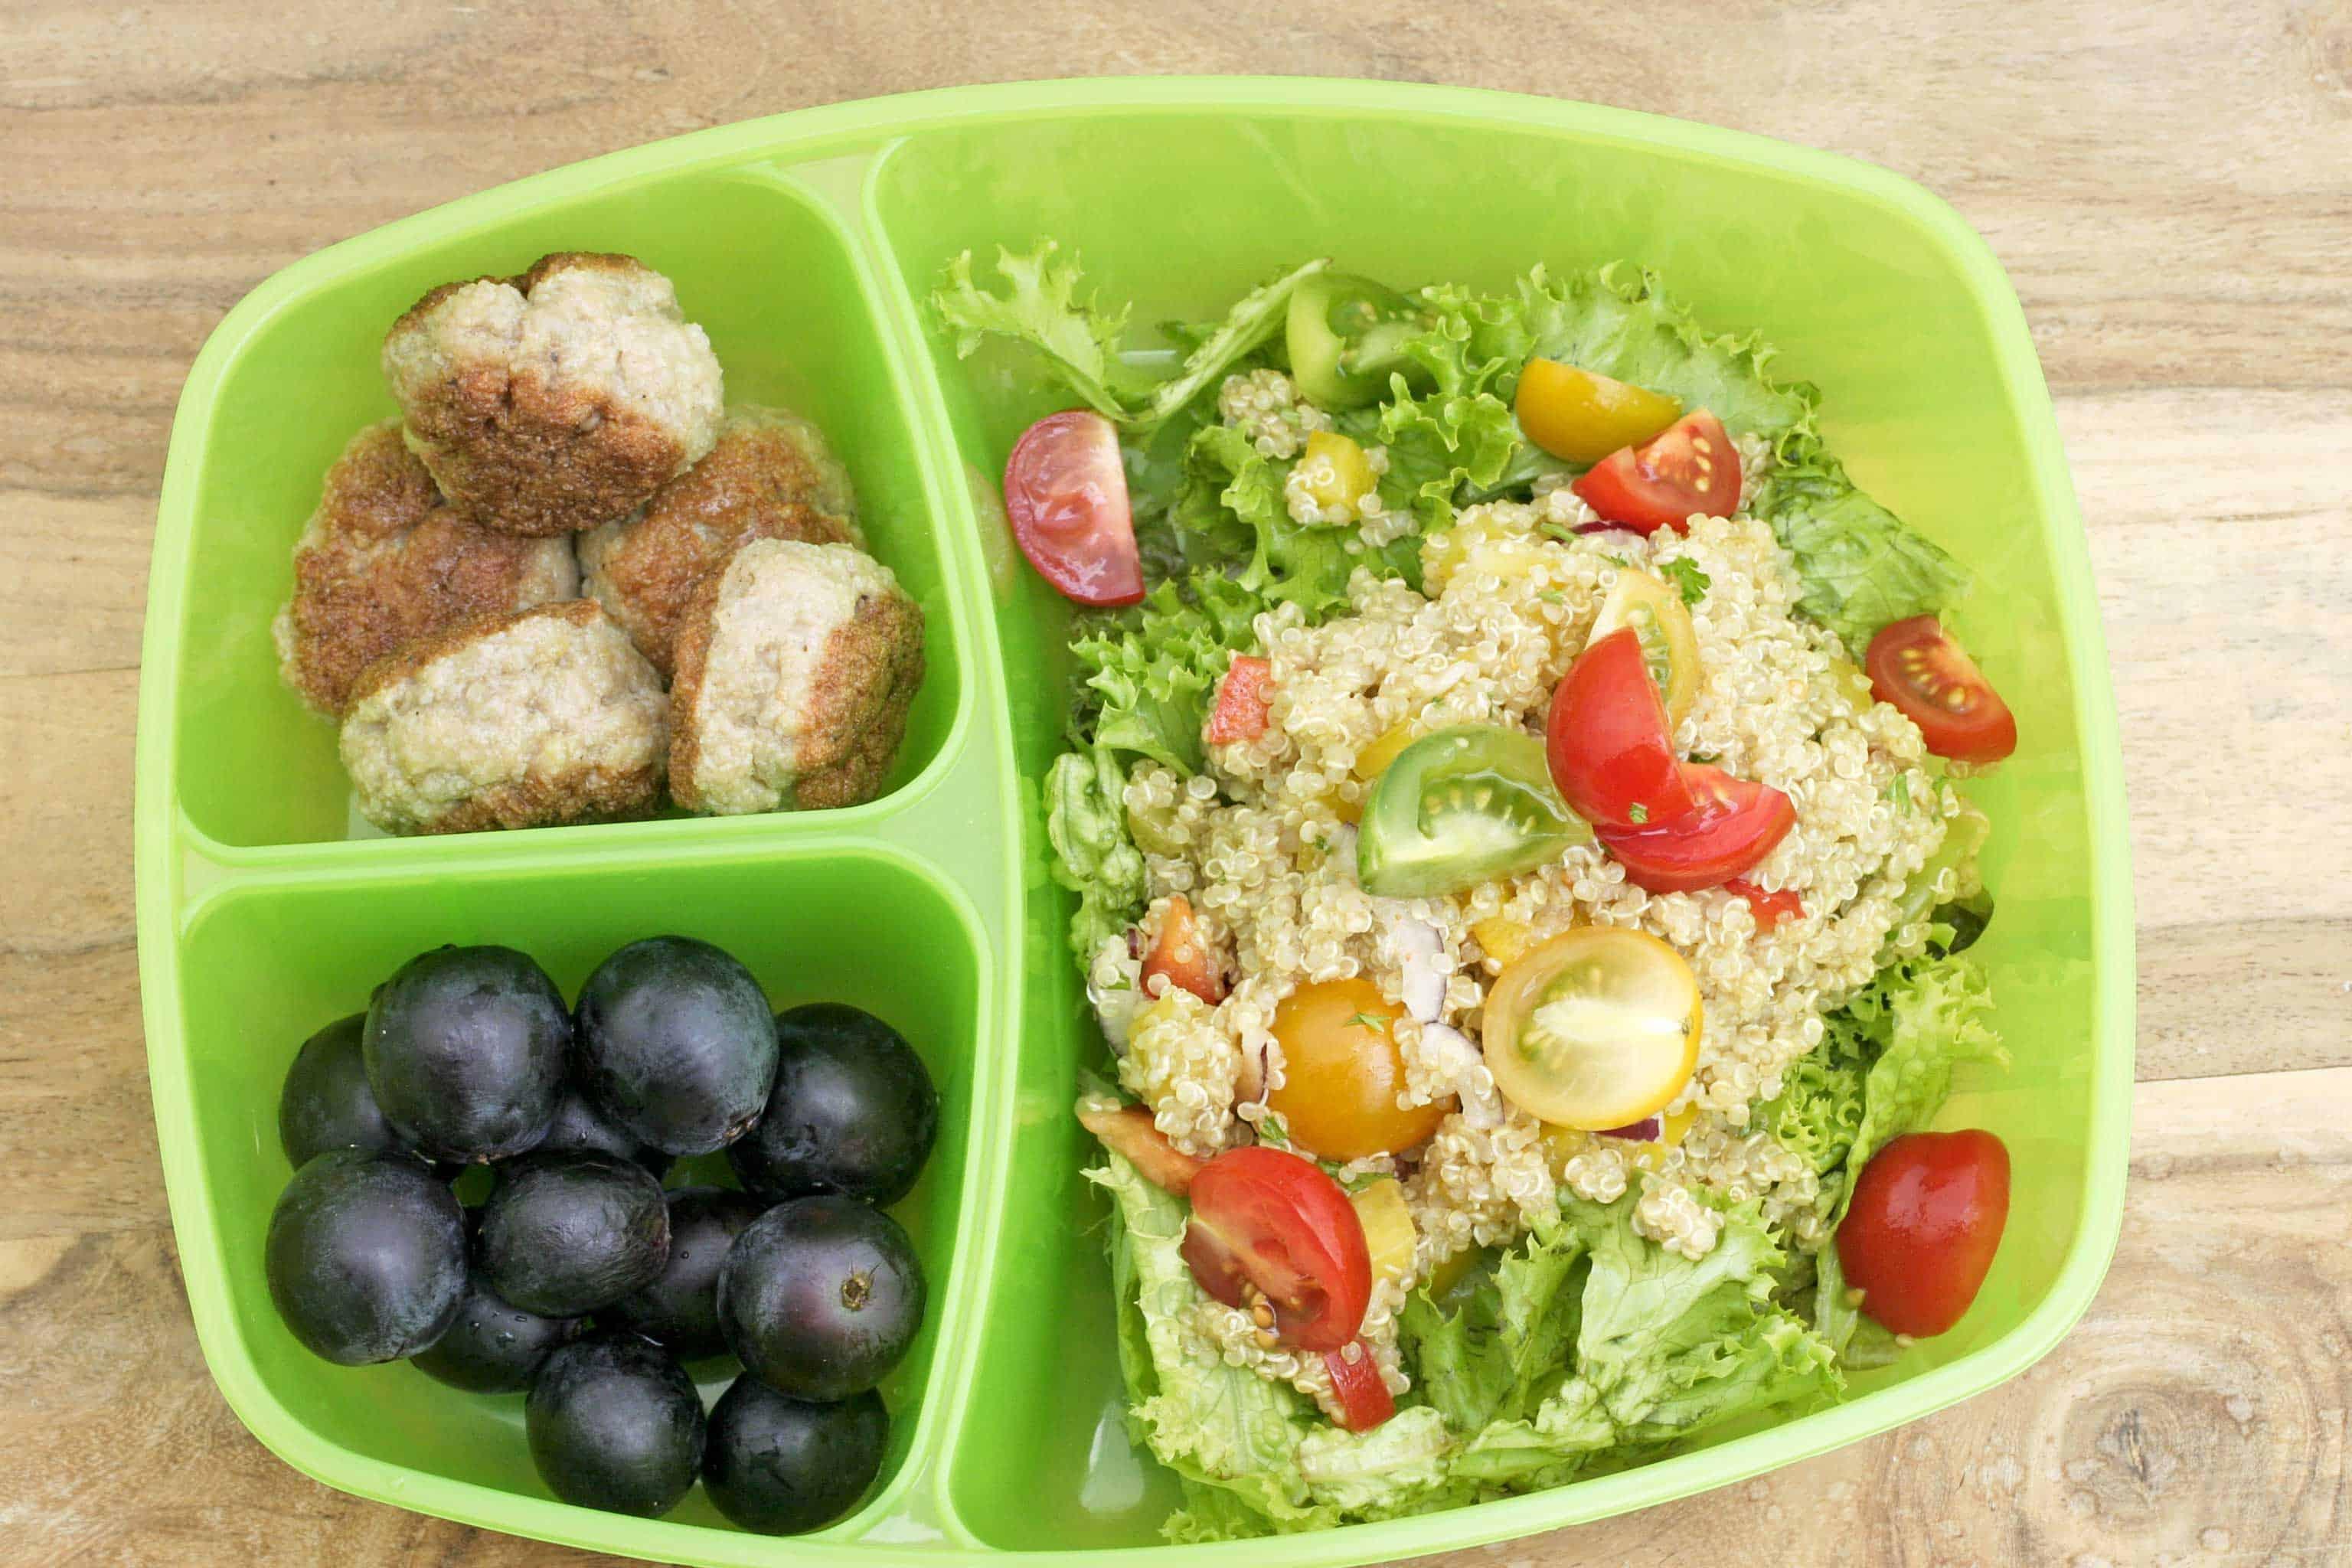 lunch salade met quinoa en balletjes keukenrevolutie foodblog. Black Bedroom Furniture Sets. Home Design Ideas